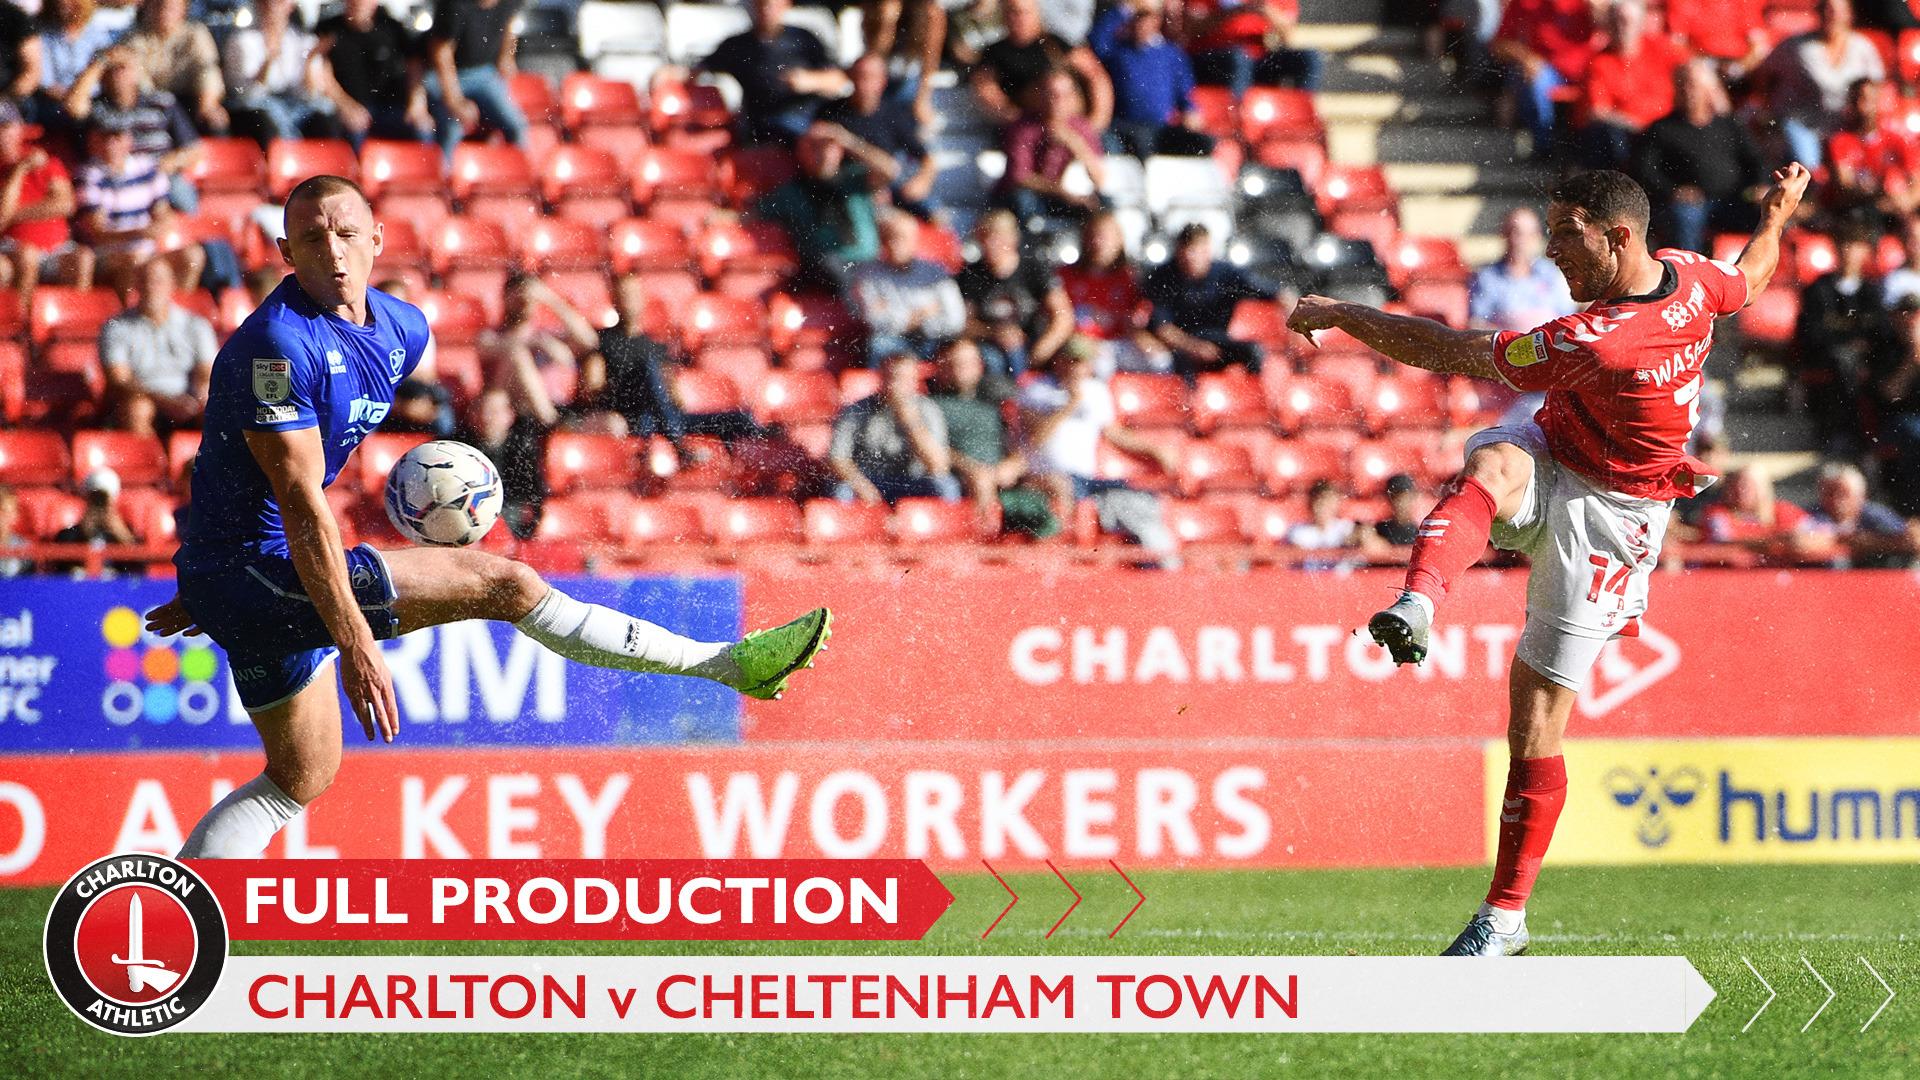 CharltonTV | Full broadcast - Cheltenham Town (h) (September 2021)